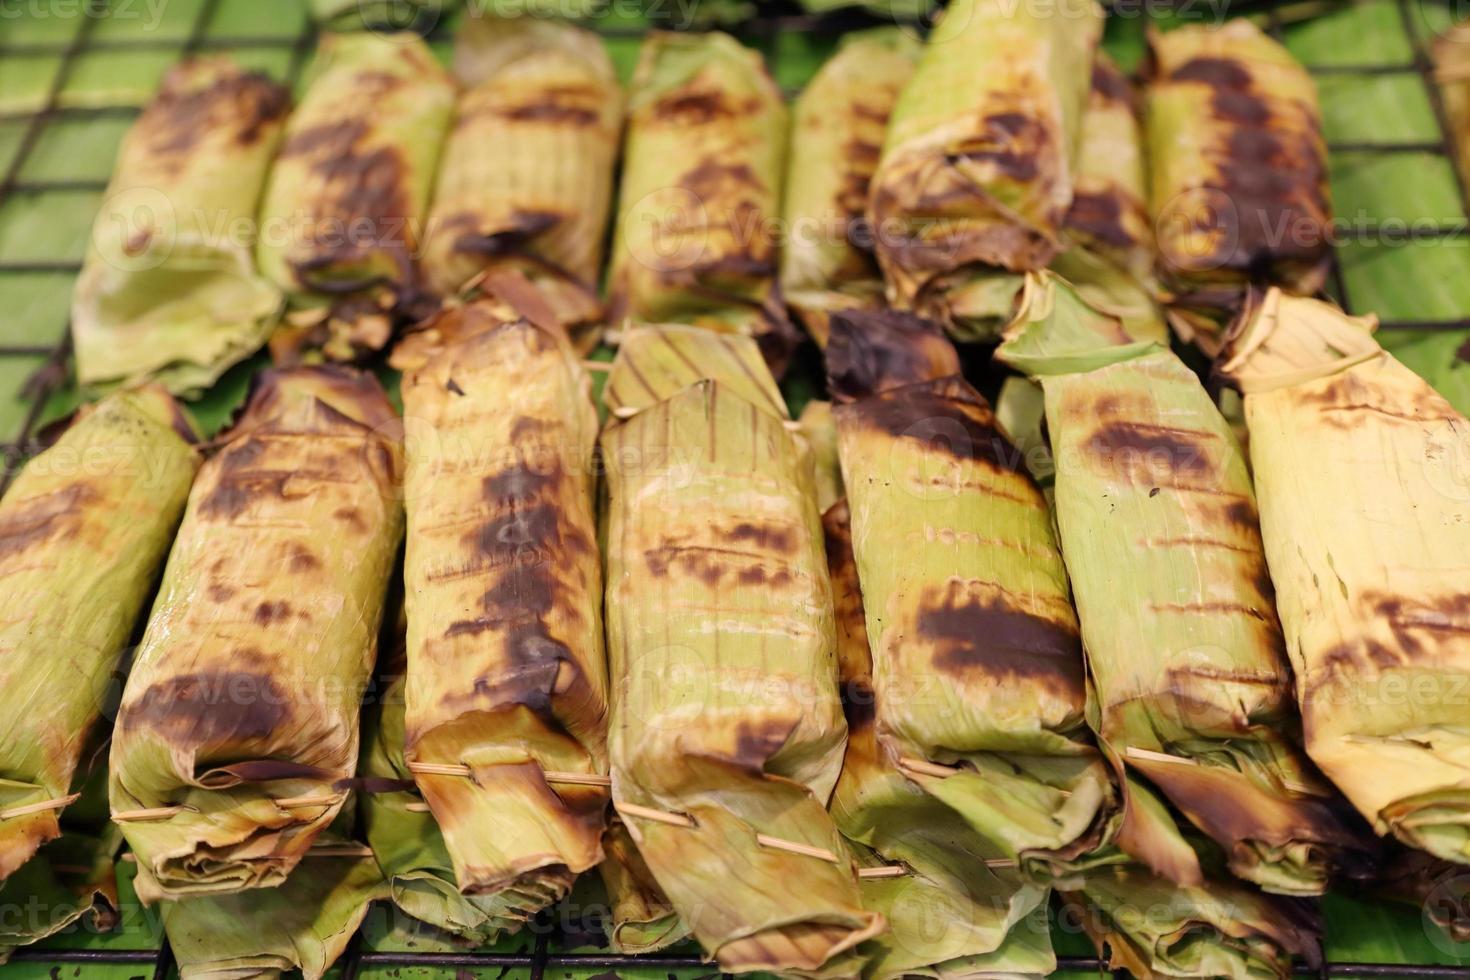 arroz pegajoso assado foto